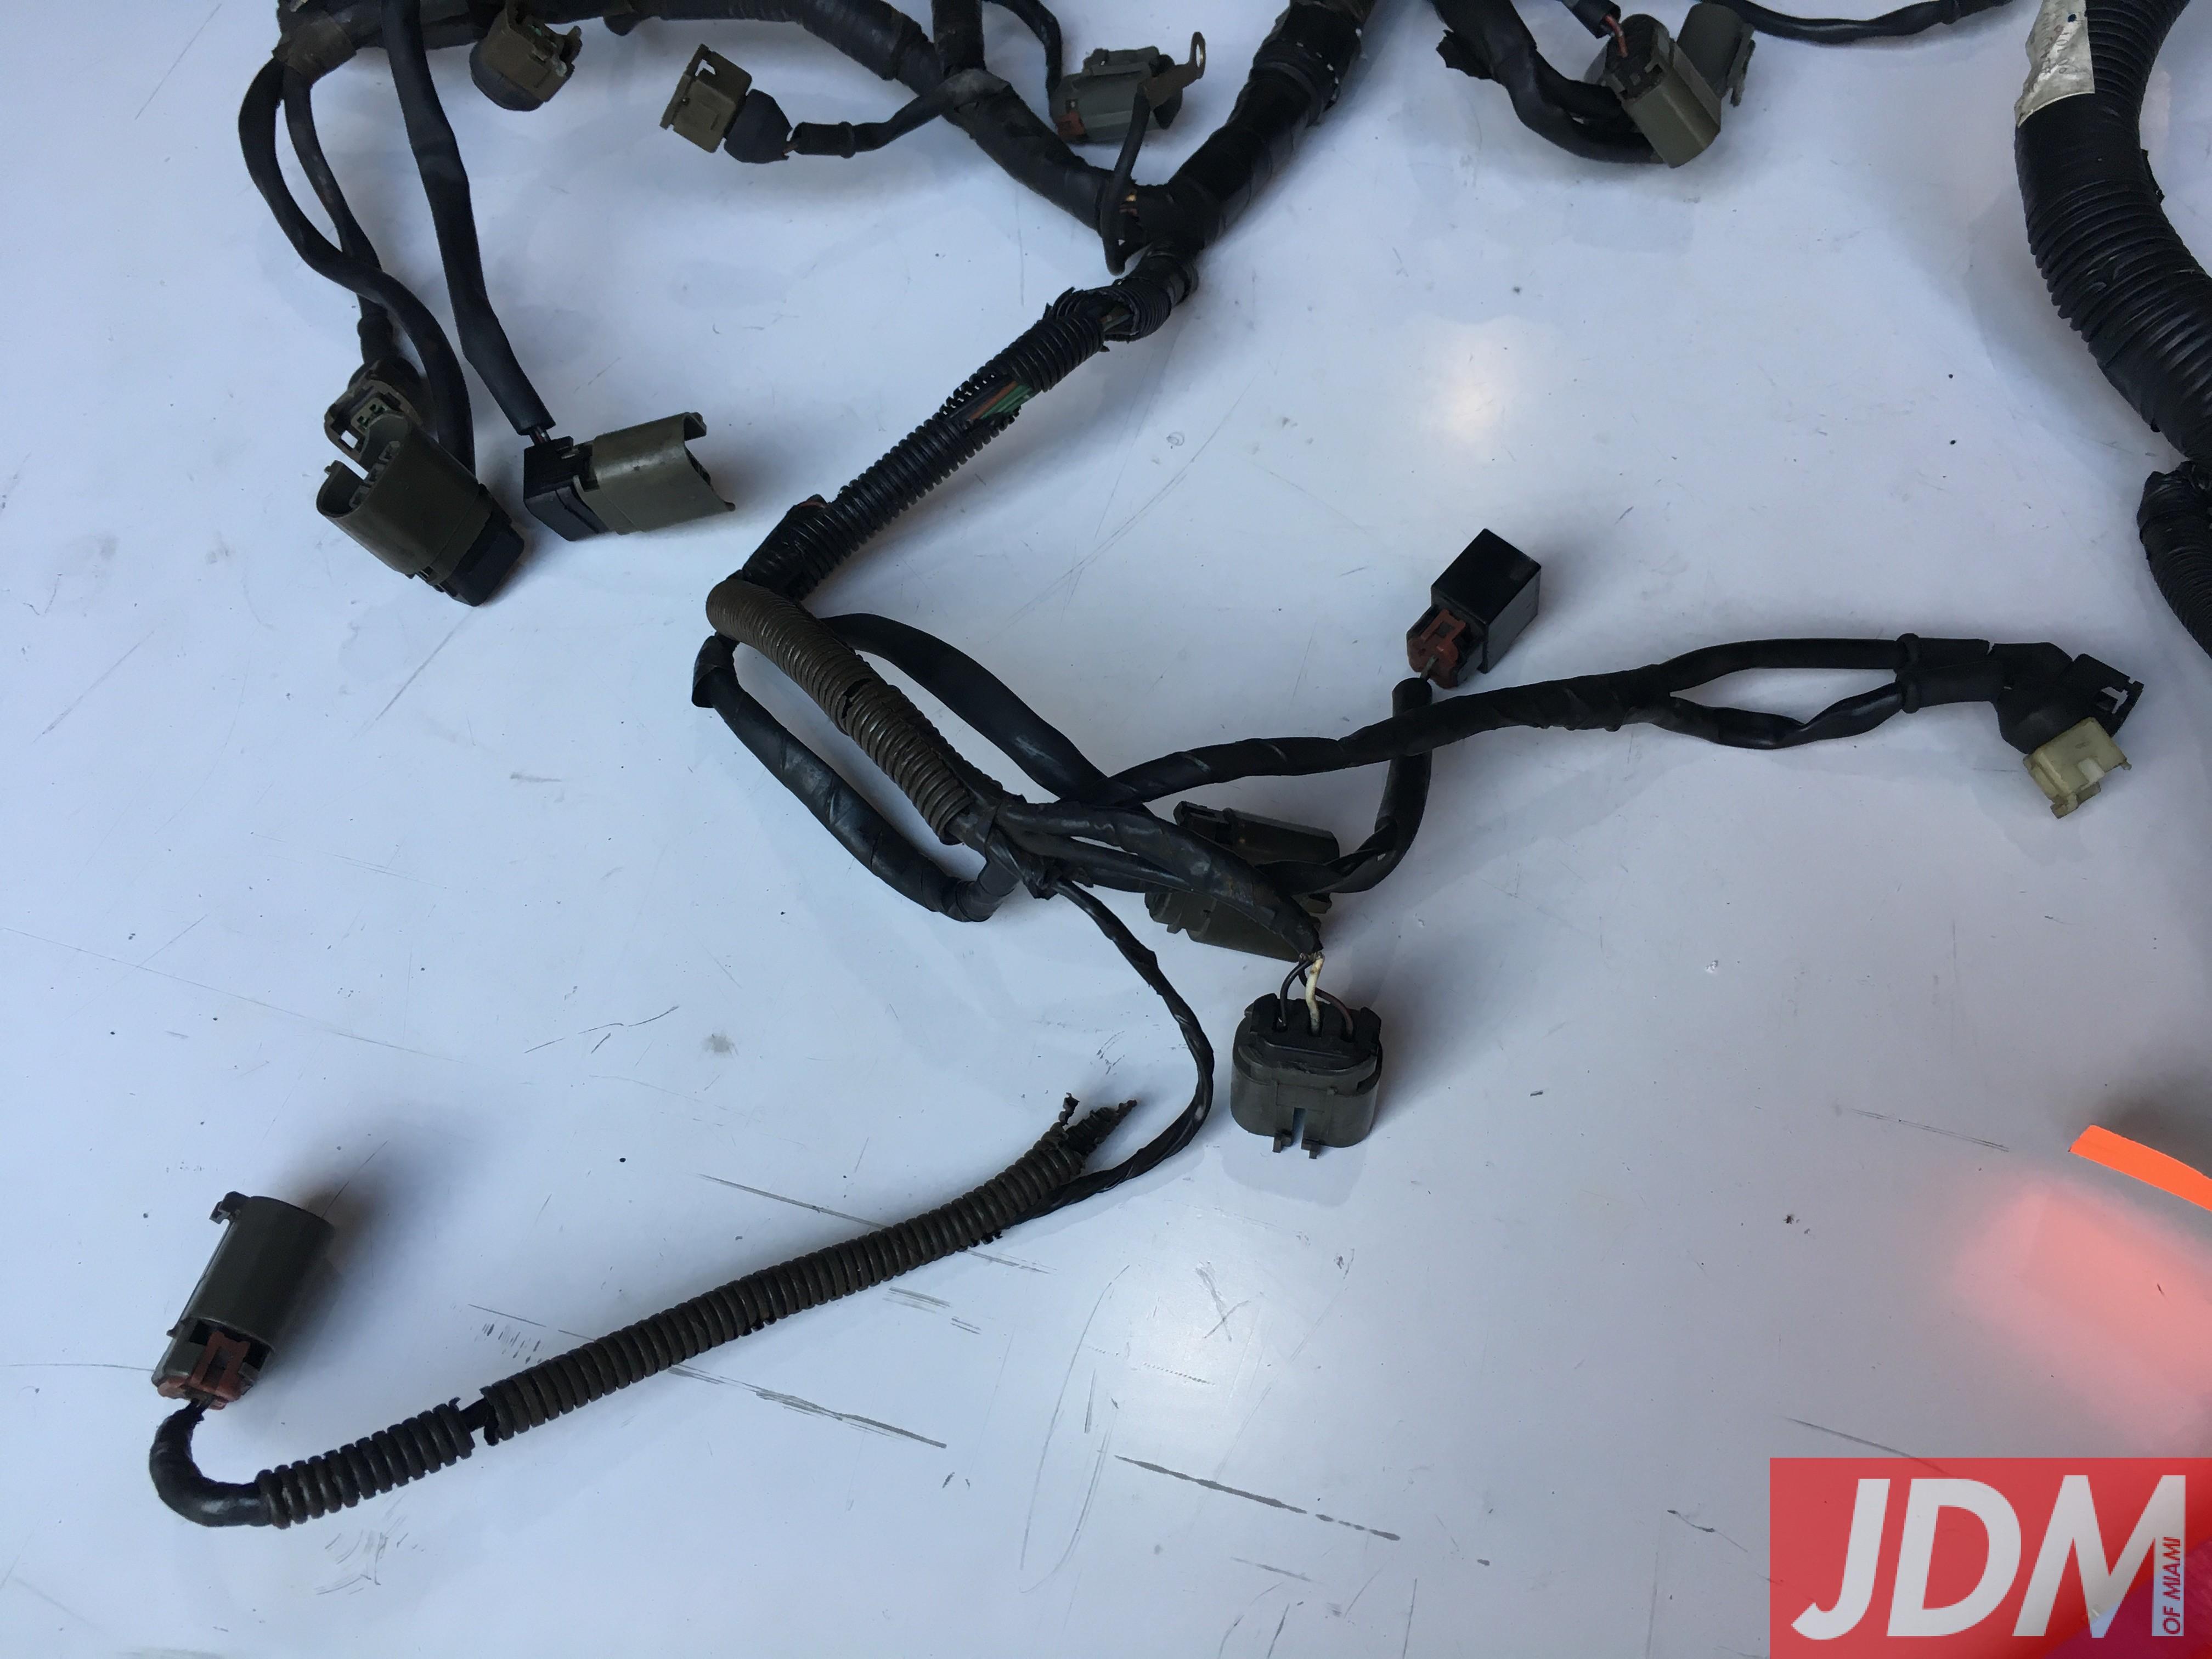 vg30dett wire harness wiring diagrams Vg30dett Wire Harness nissan 300zx engine harness vg30dett